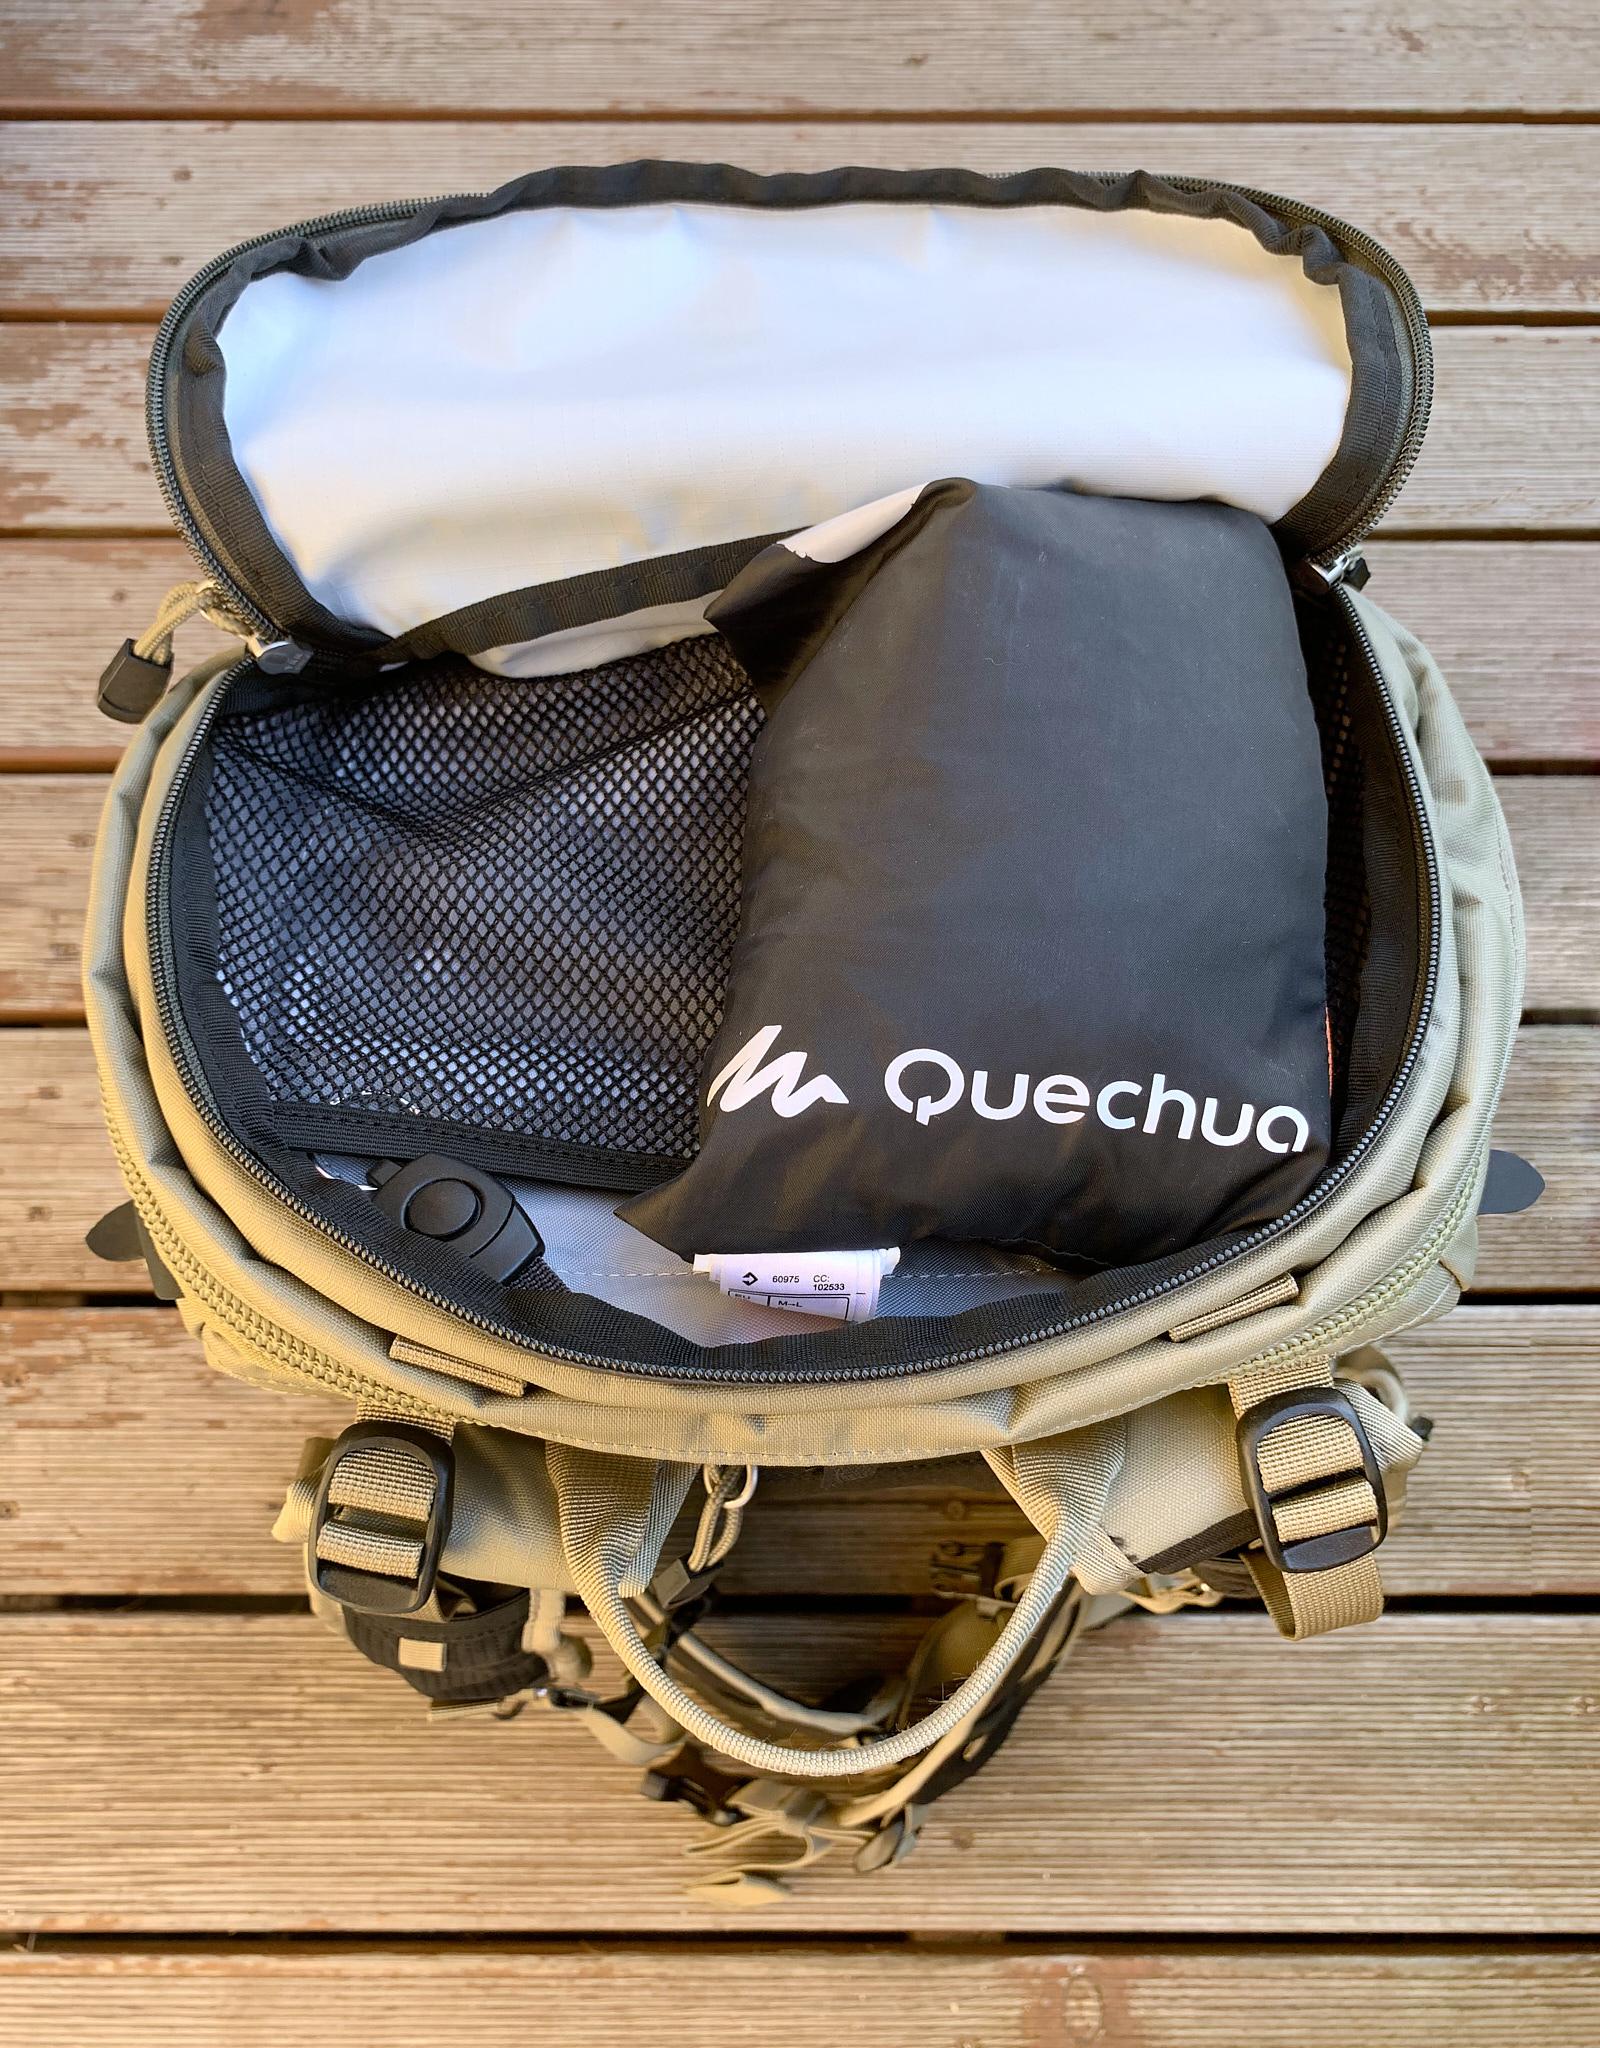 Skladná nepromokavá bunda nezabere ani polovinu horní kapsy. Na obrázku je vidět i síťovaná přepážka a odepínací poutko.